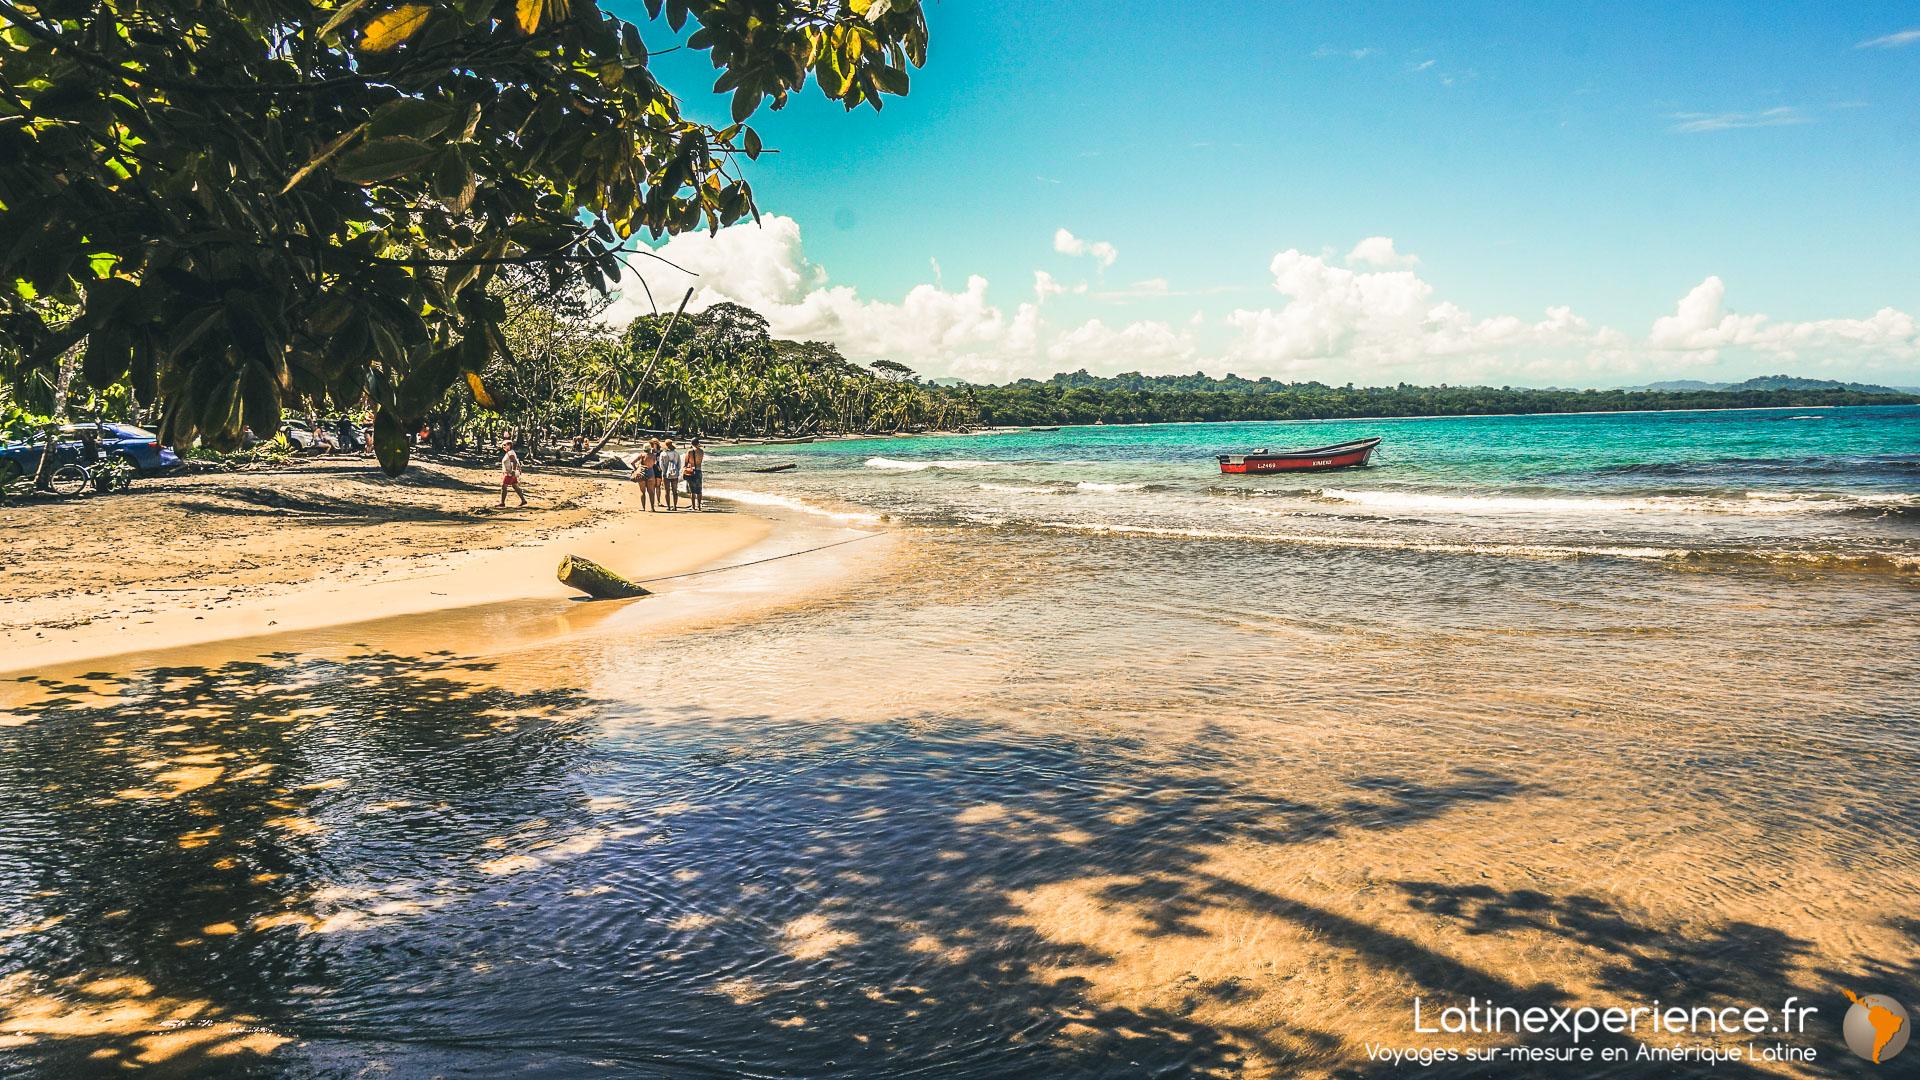 Costa Rica - Voyage de noces - Plage de Manzanillo